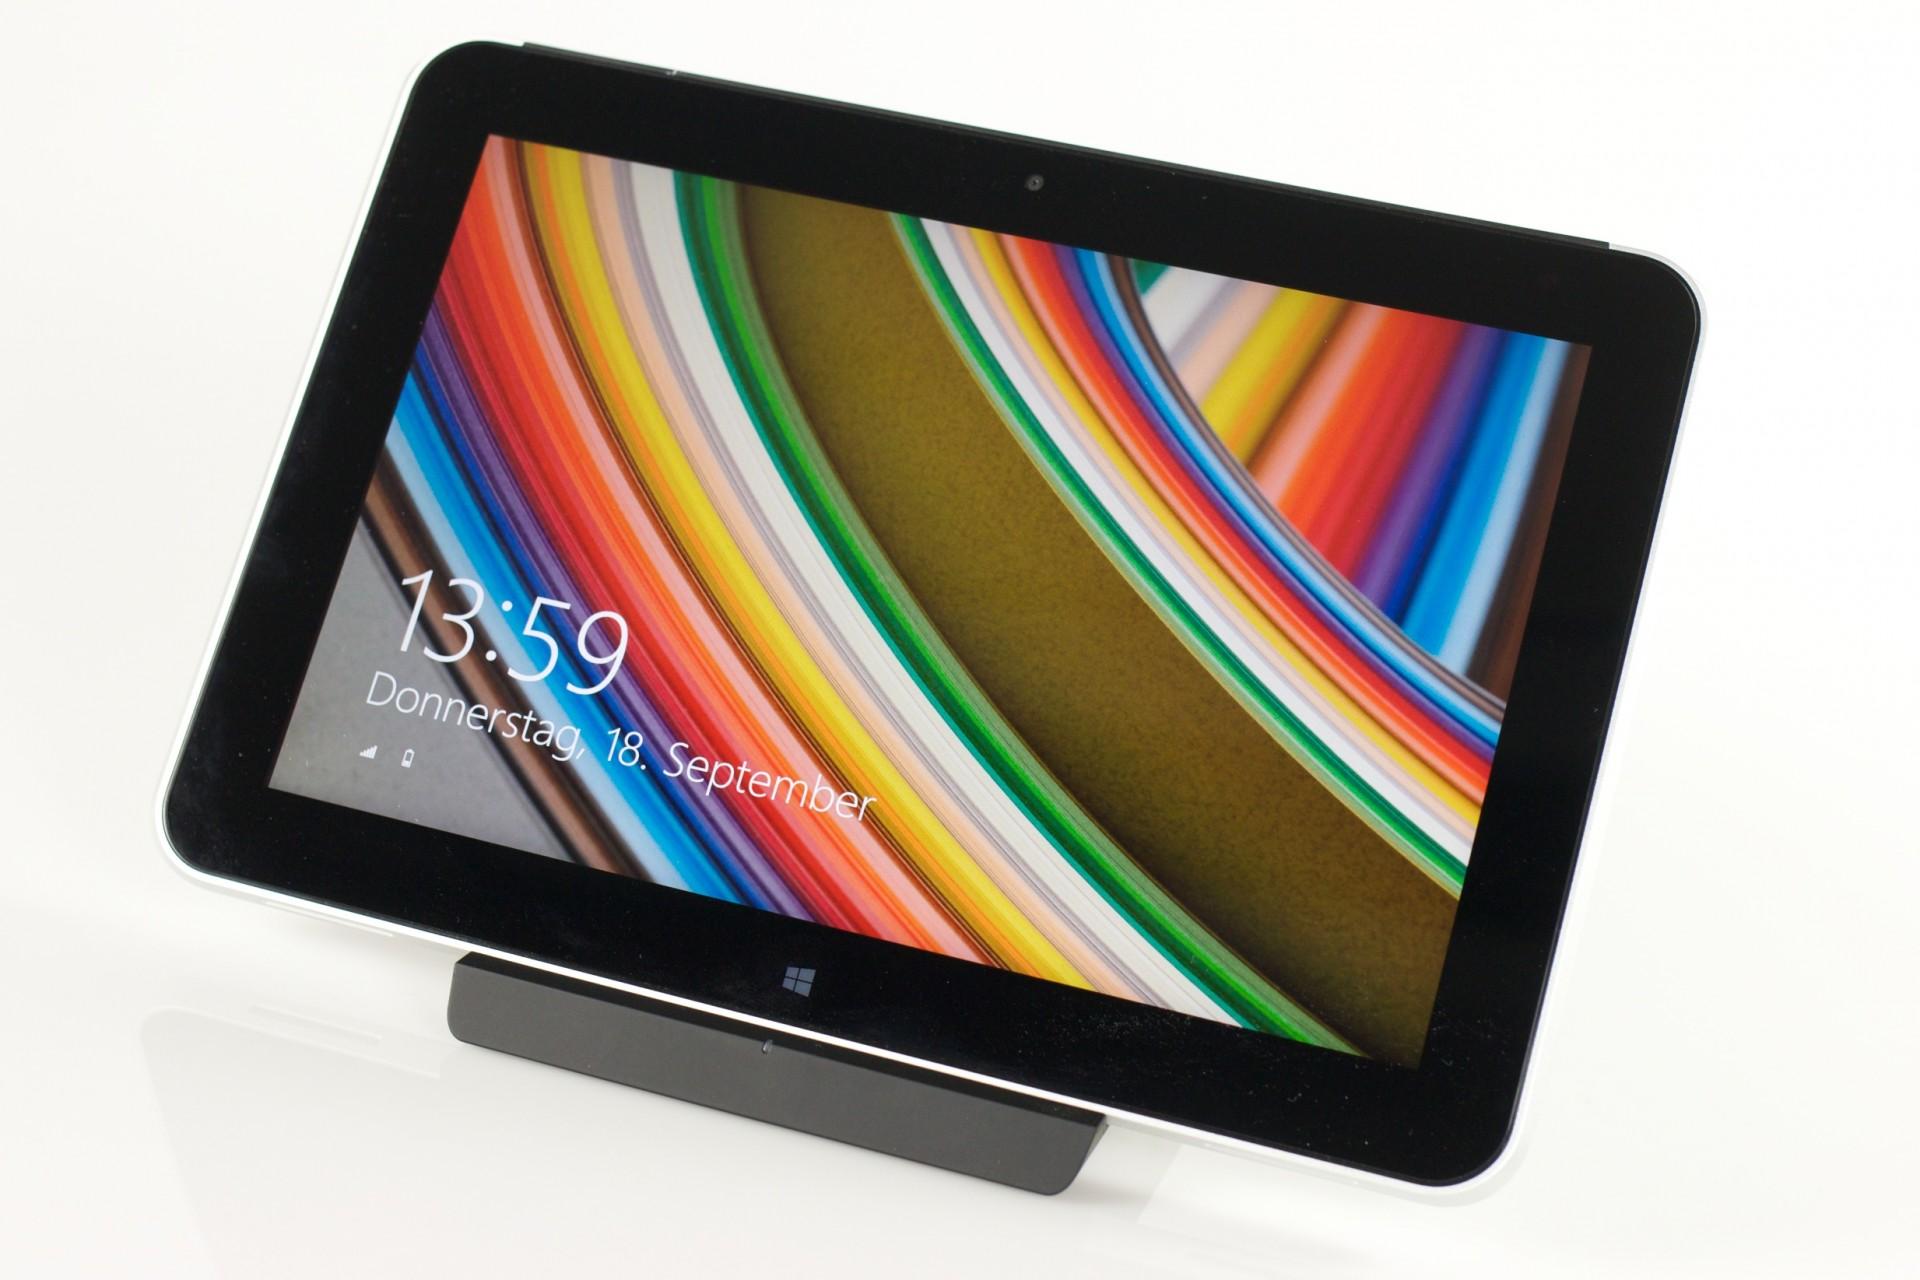 HP Elitepad 1000 G2 im Test: Praktisches Arbeitsgerät dank Zubehör - Das HP Elitepad 1000 G2 (Bild:Michael Wieczorek/Golem.de)